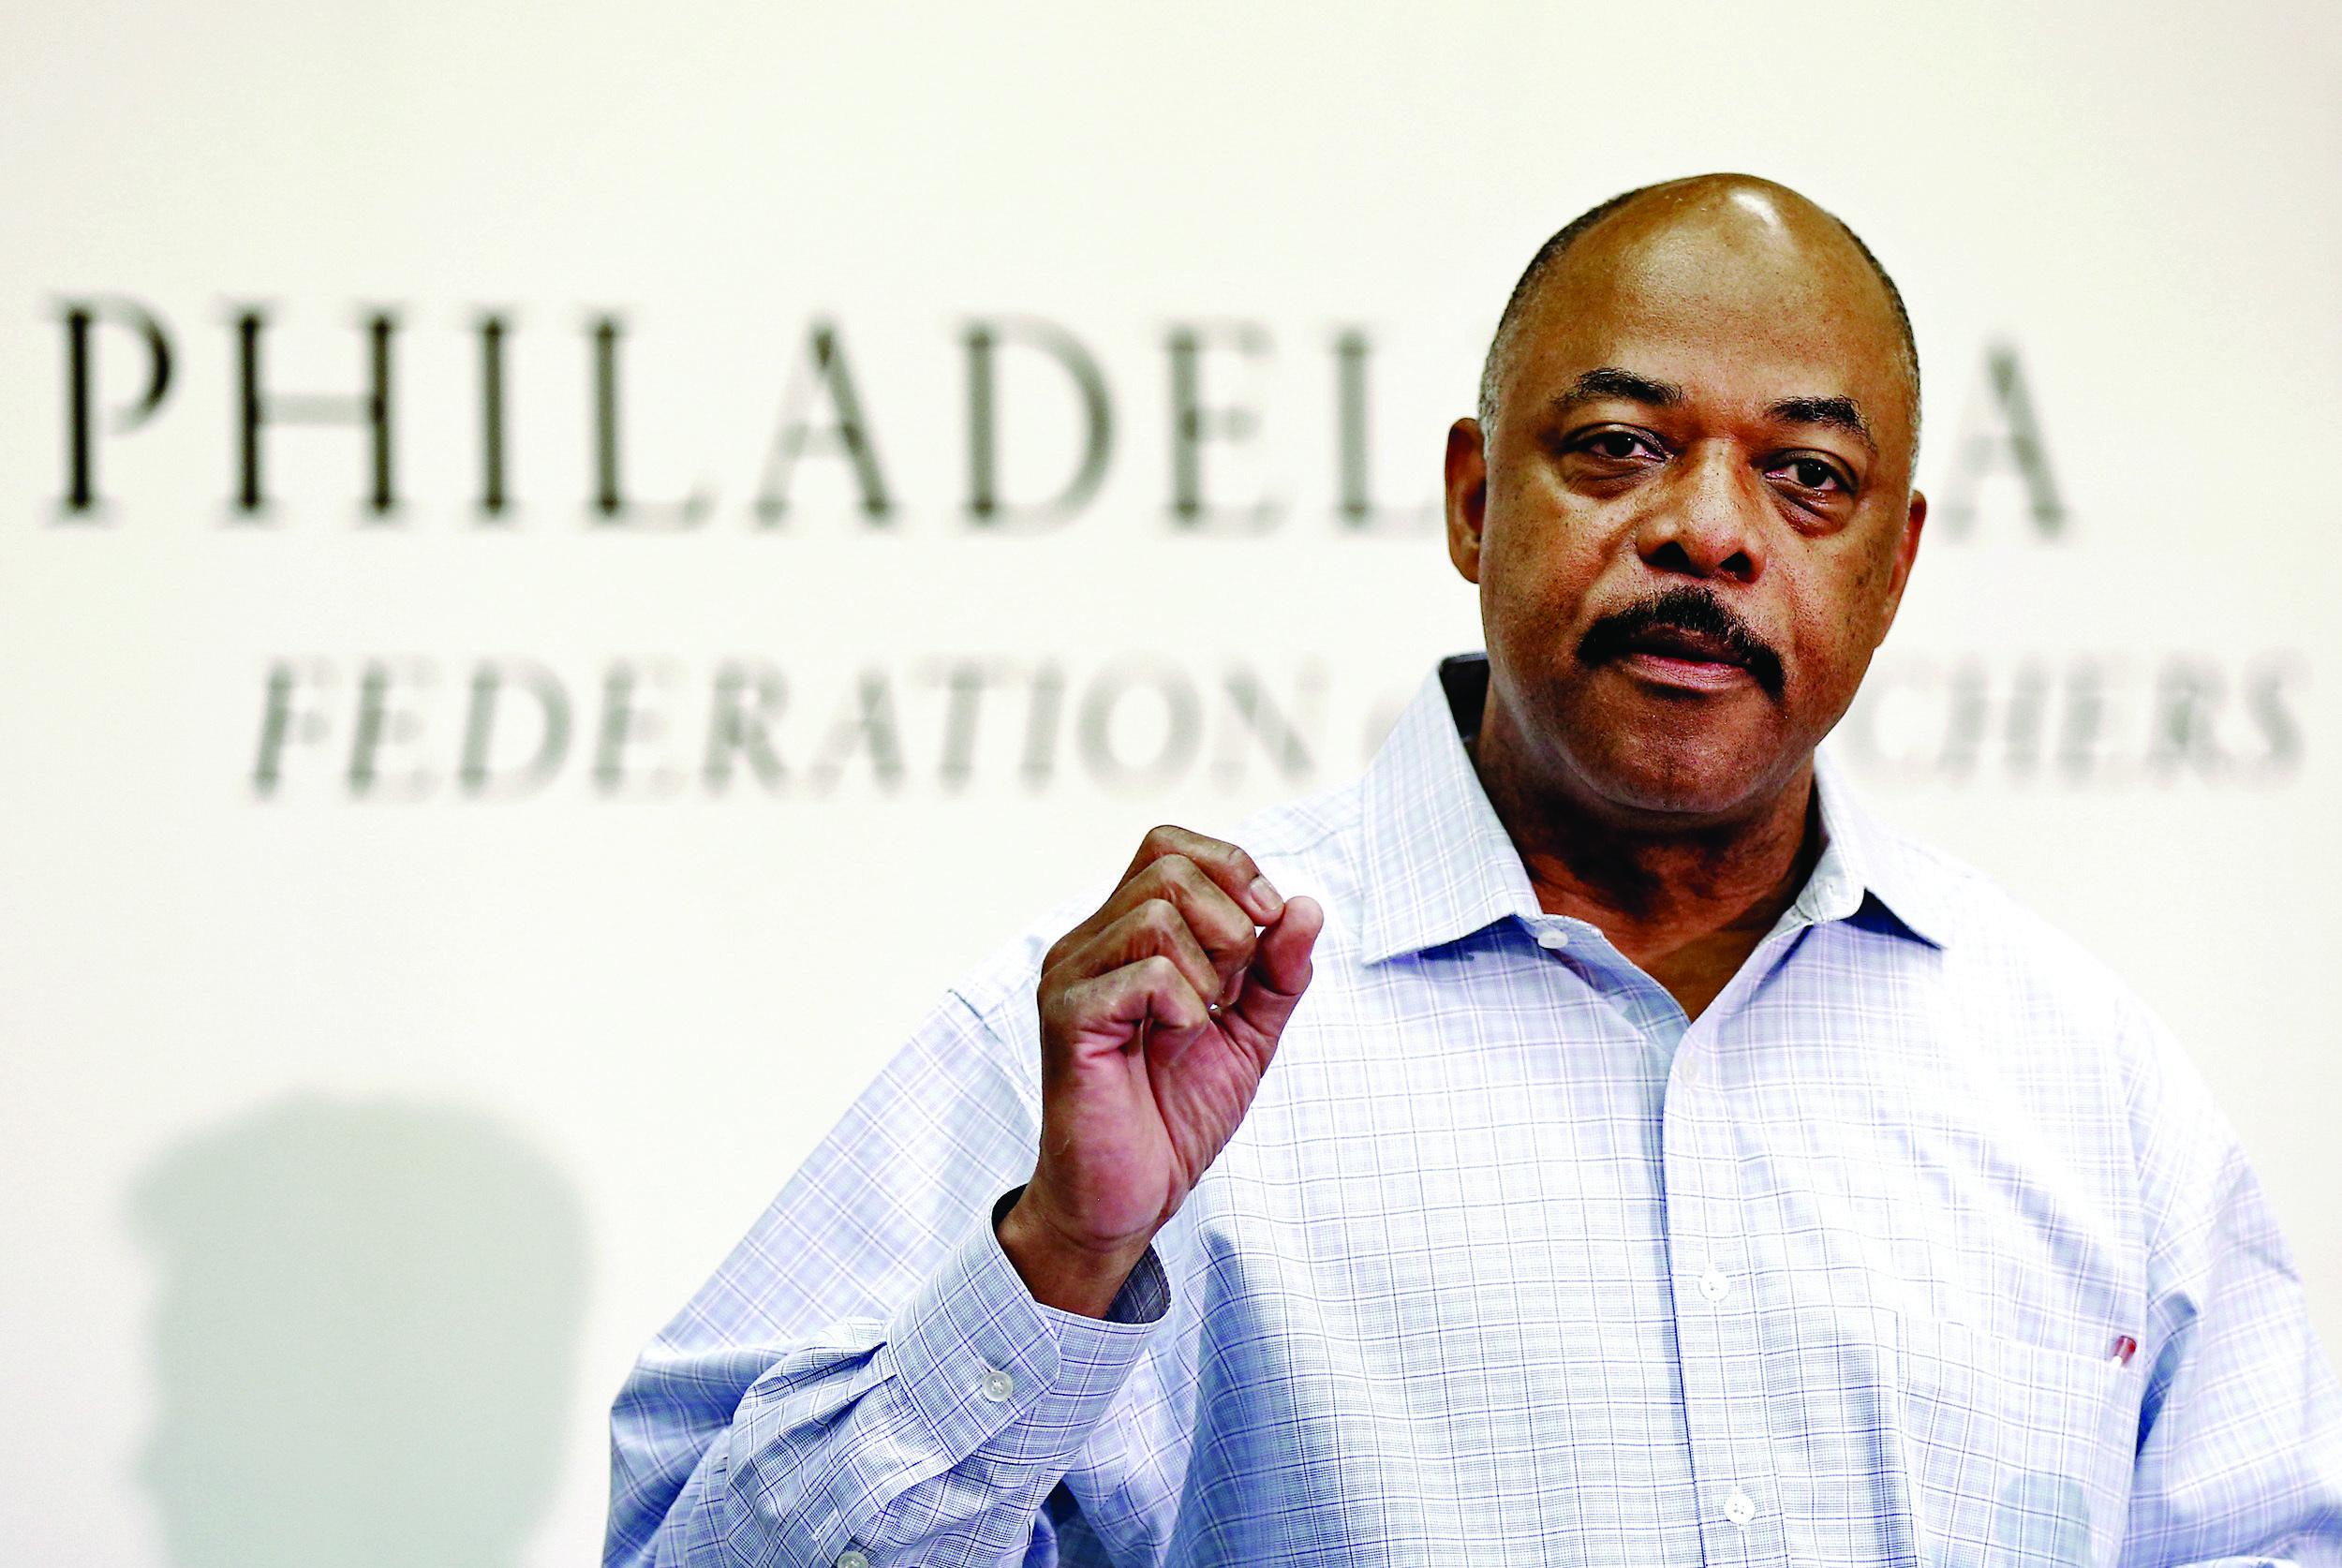 Philadelphia Federation of Teachers president Jerry Jordan opposes having guns in schools.